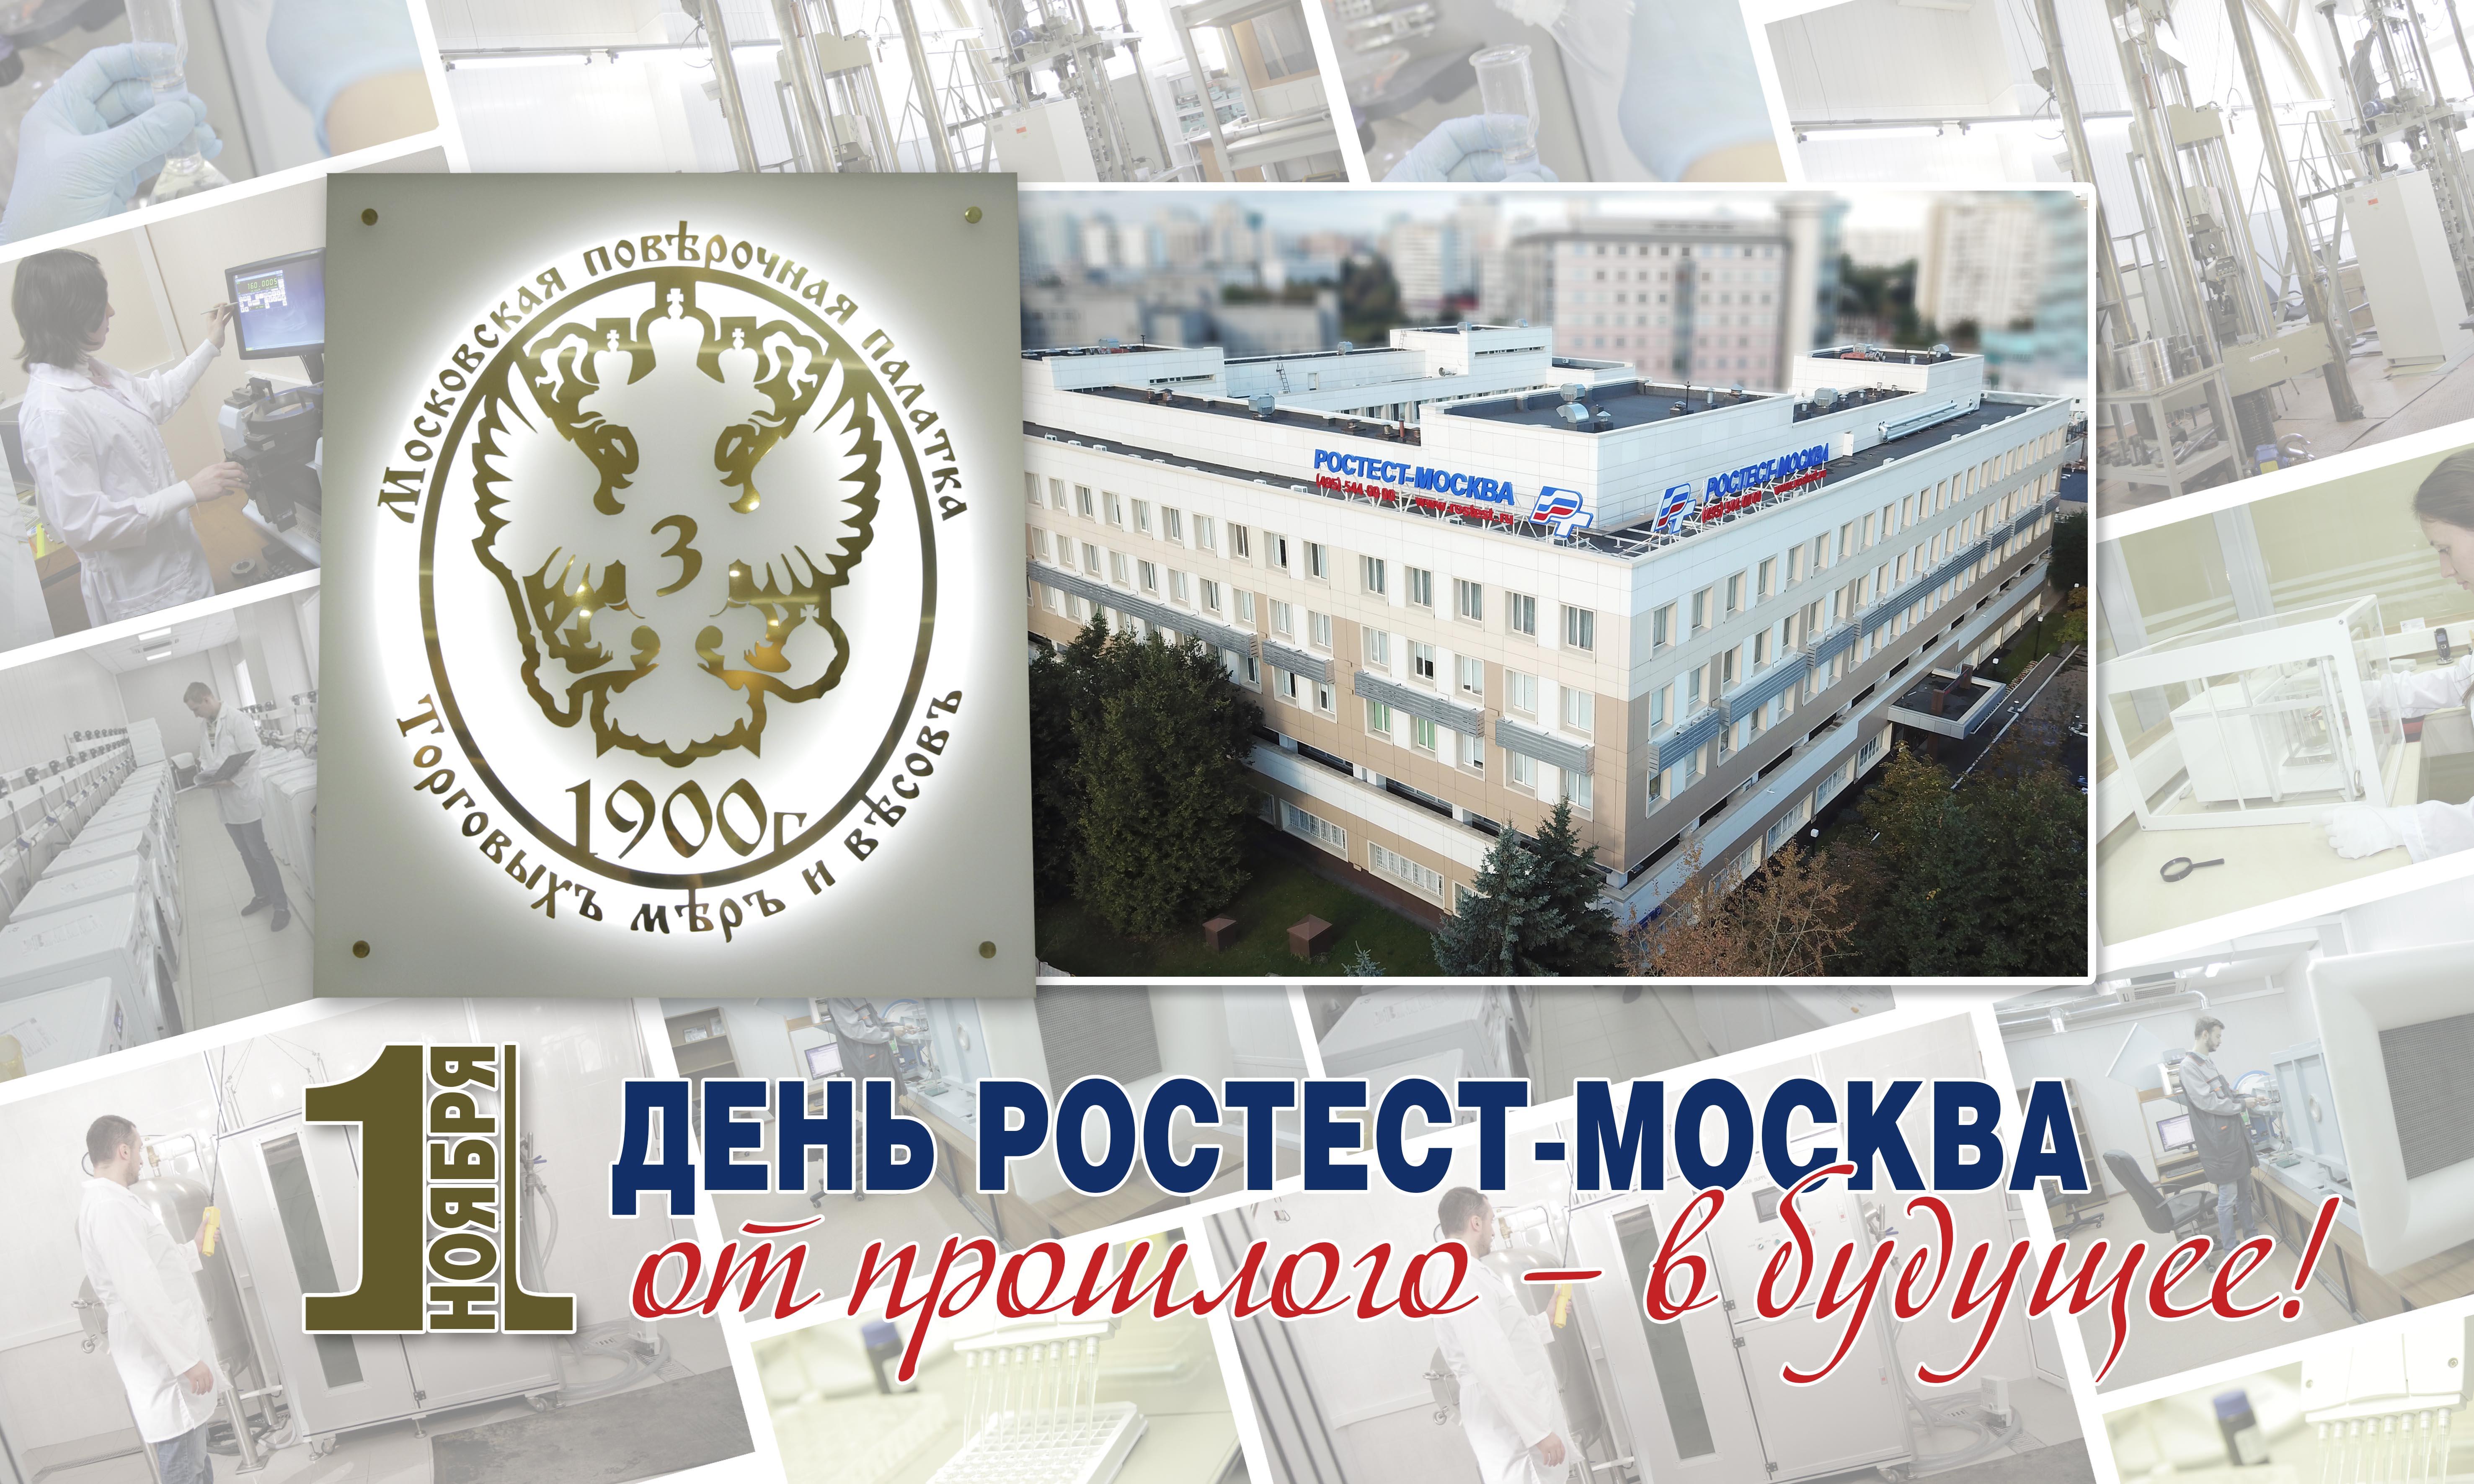 Сегодня - наш день! День Ростест-Москва